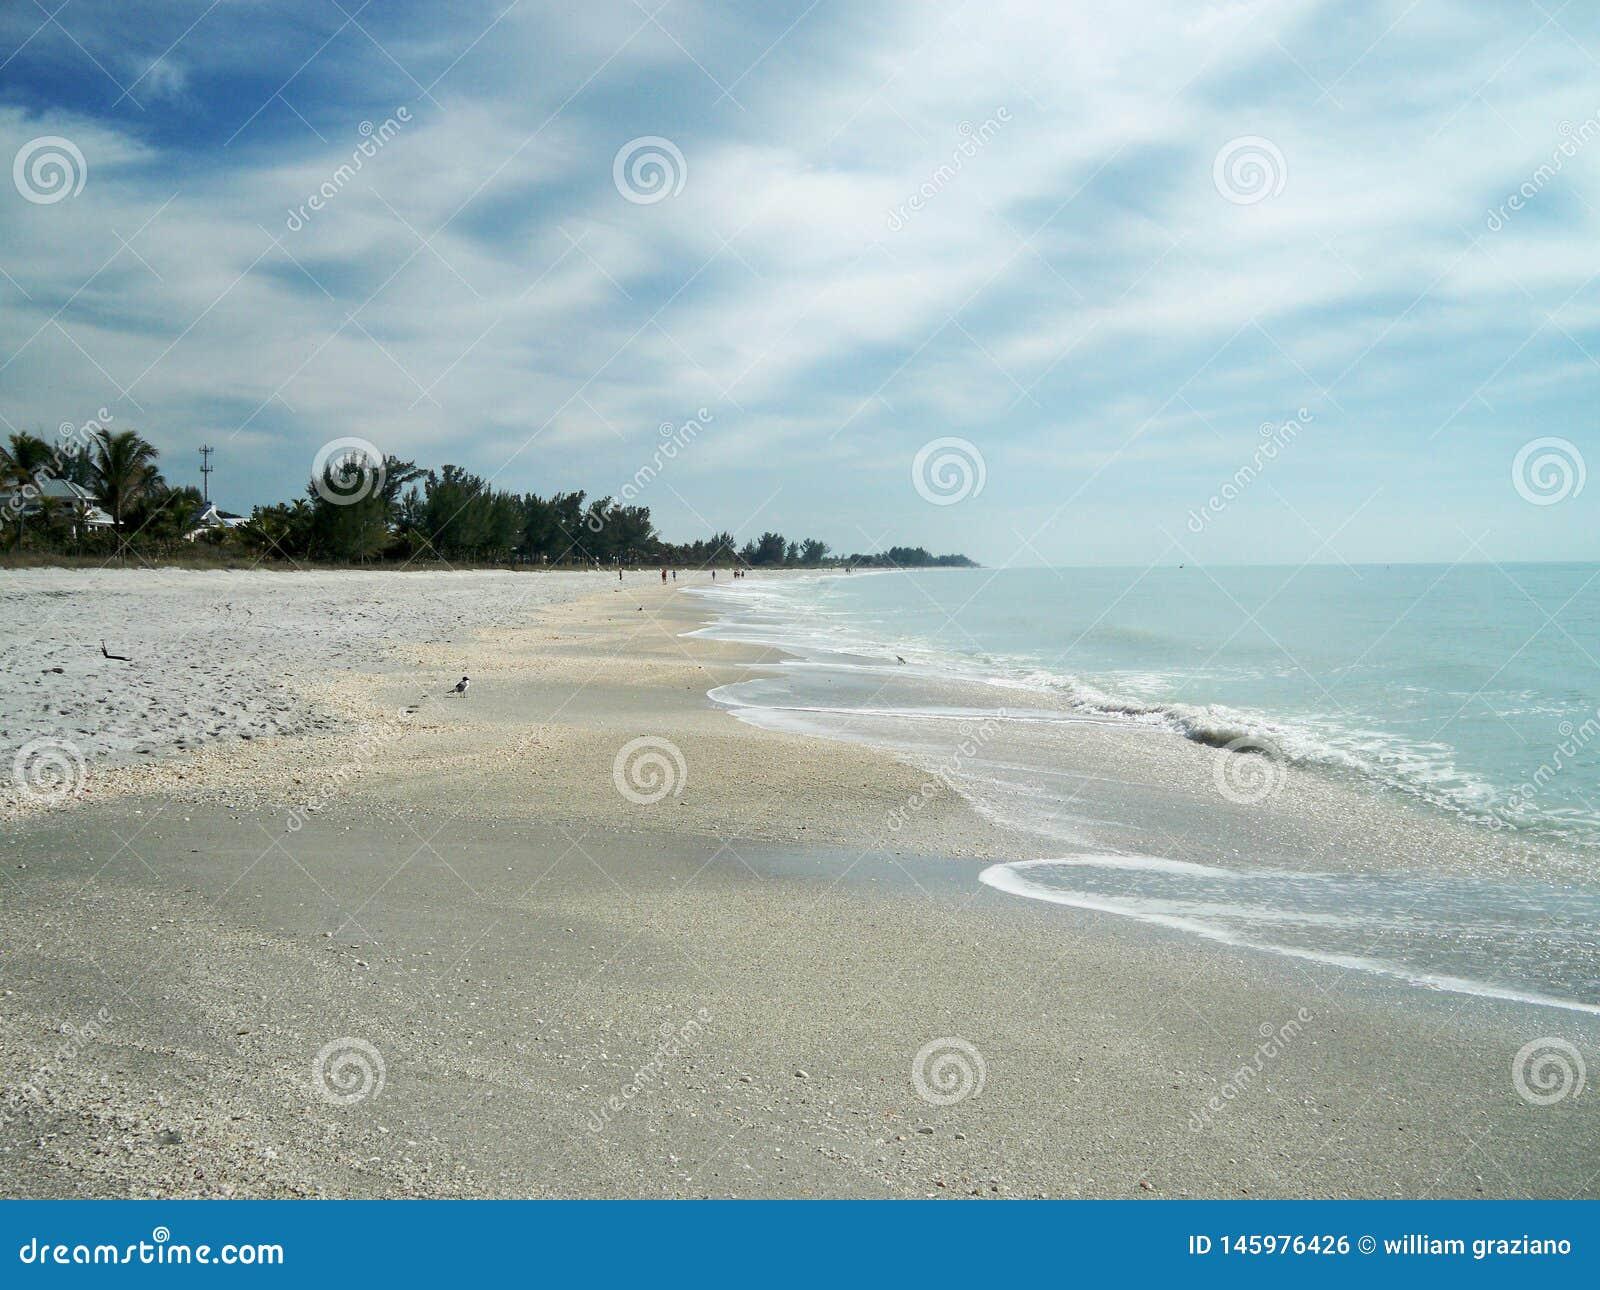 Strand an einem sonnigen Tag mit blauem Wasser